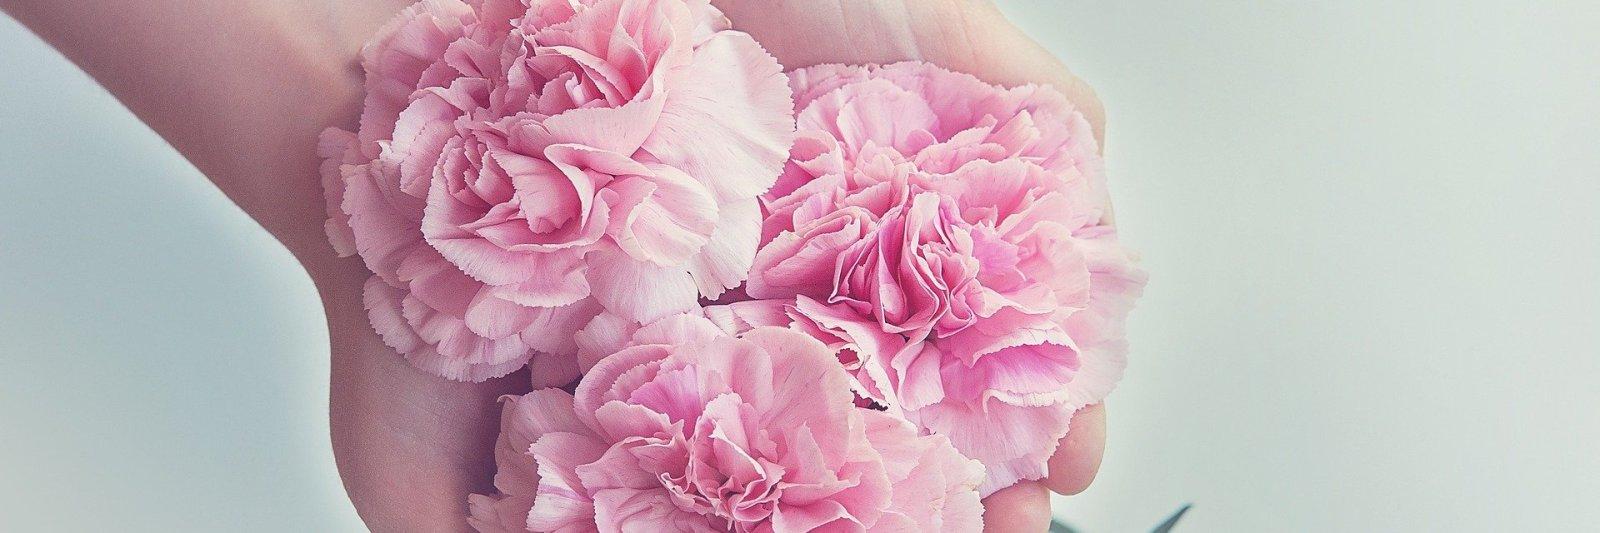 pink-beautiful-flowers-held